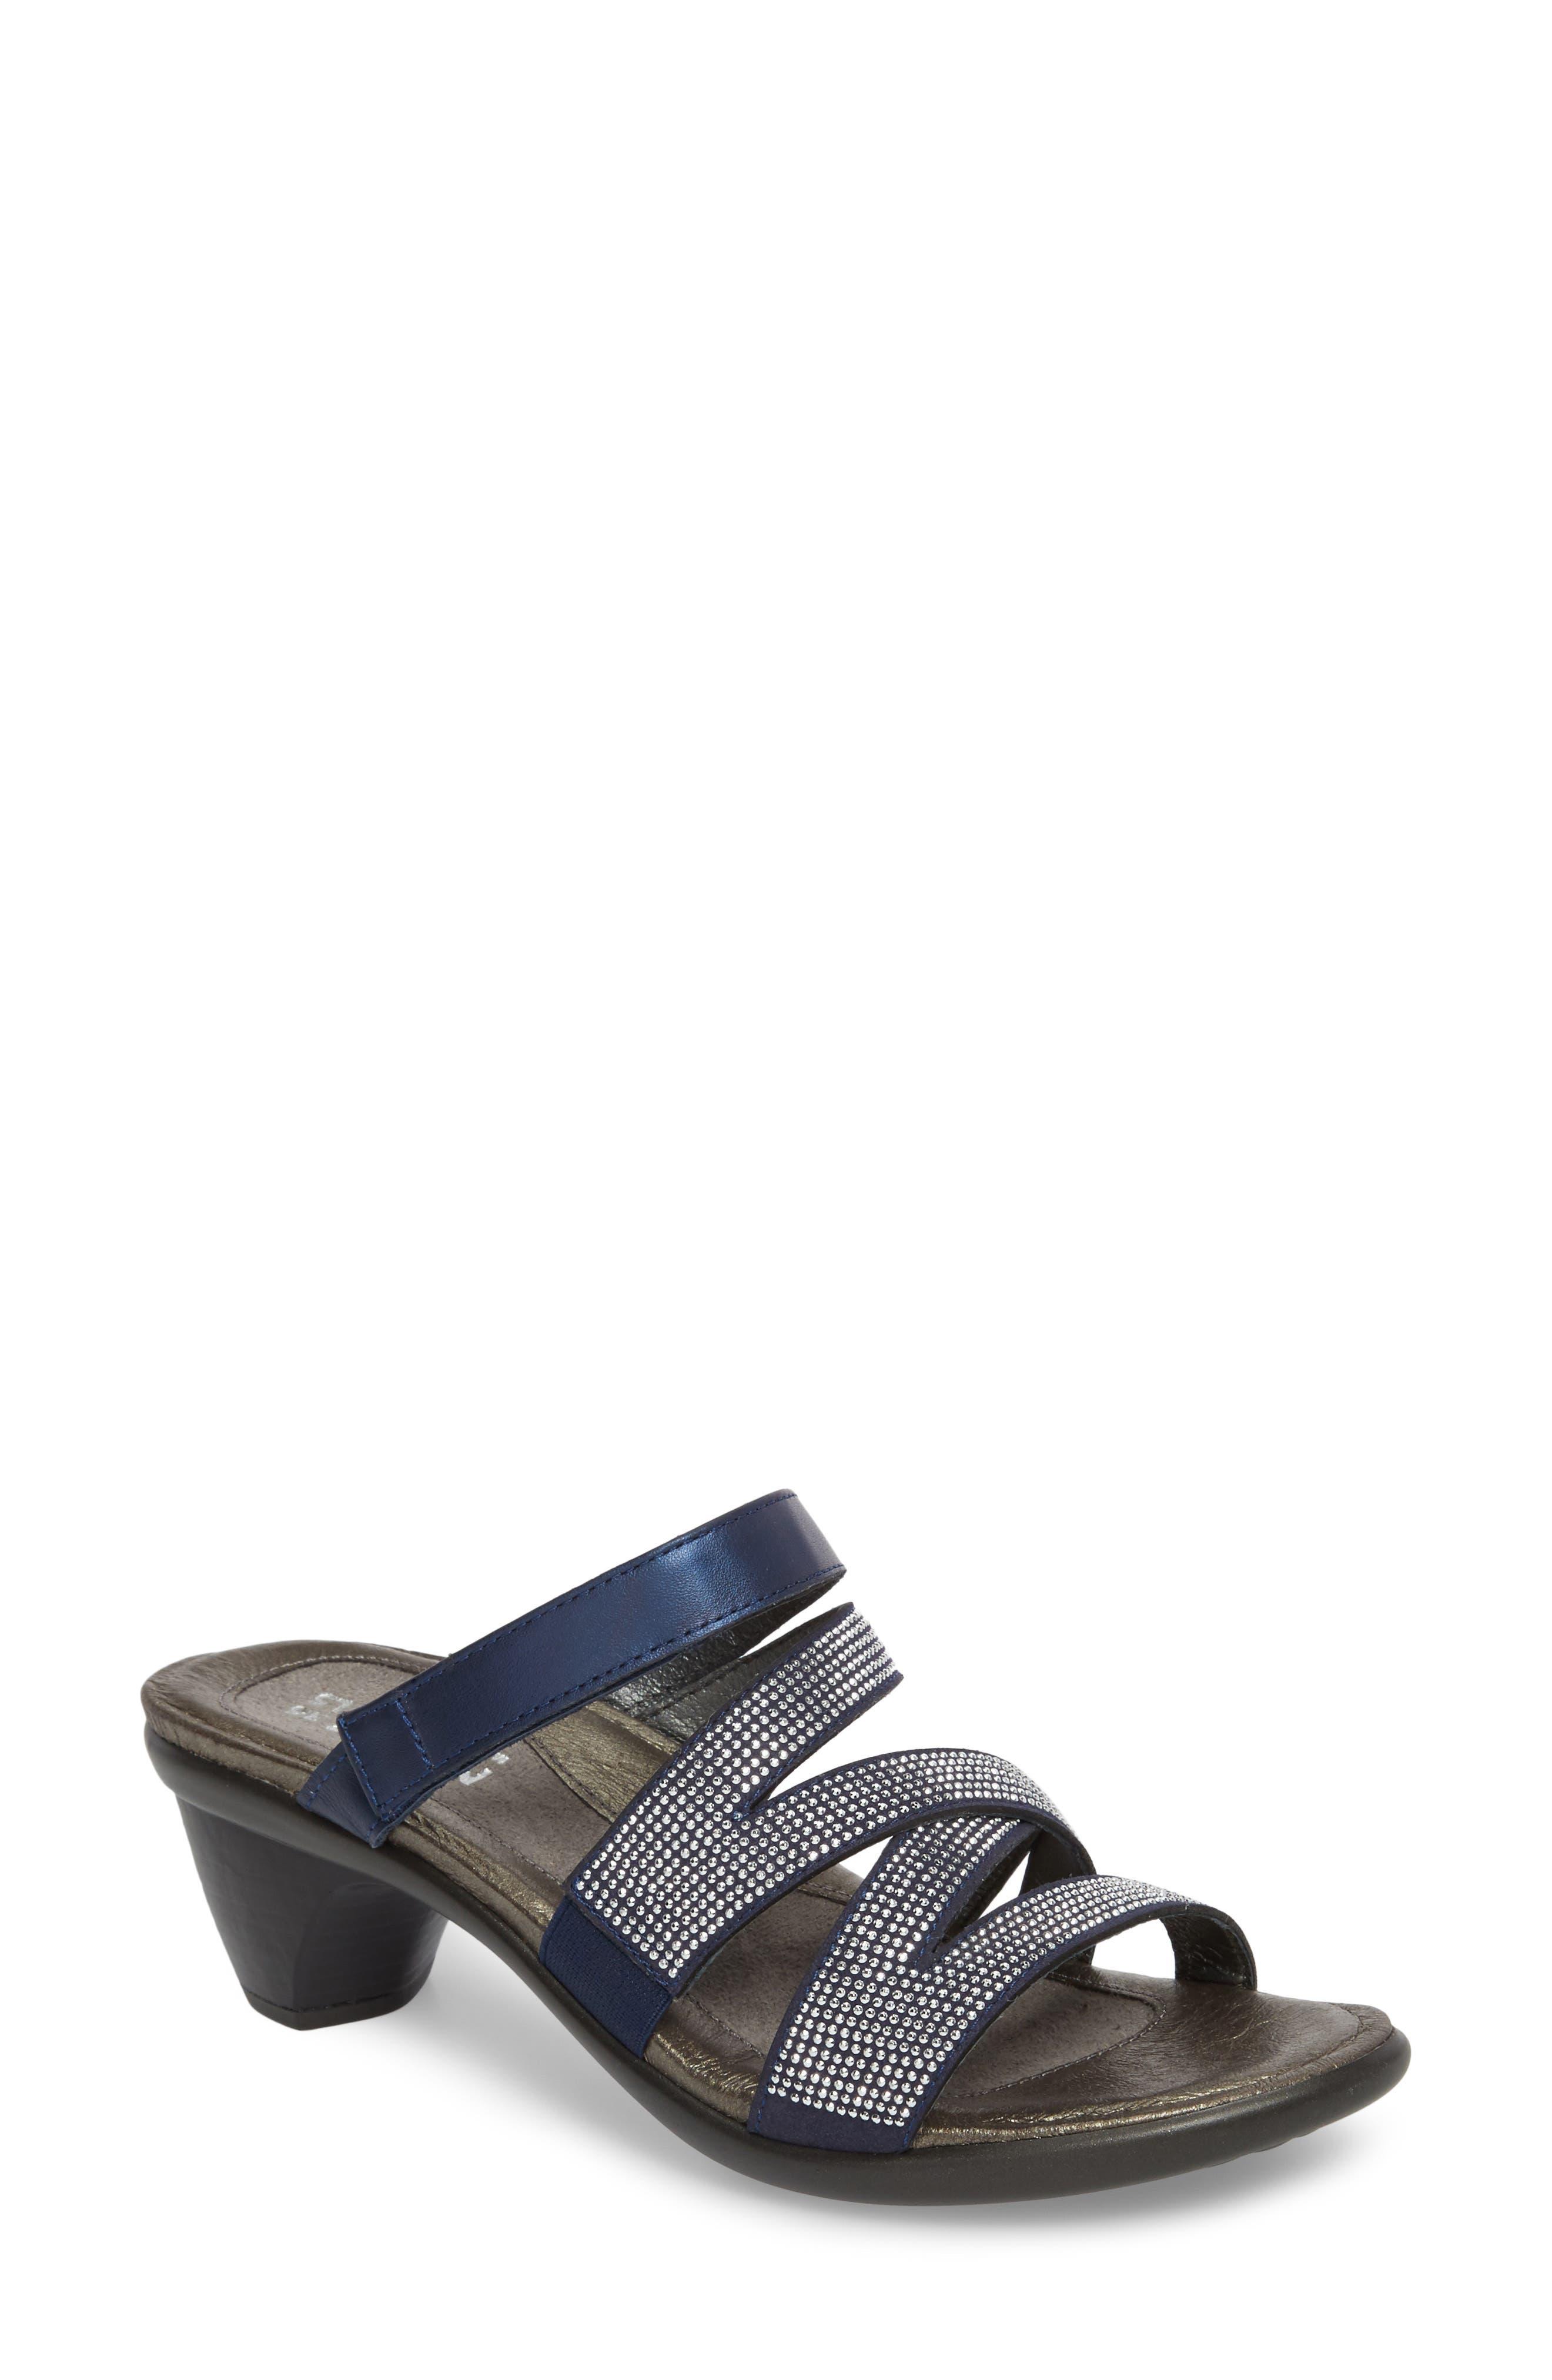 Formal Sandal,                         Main,                         color, DARK BLUE LEATHER